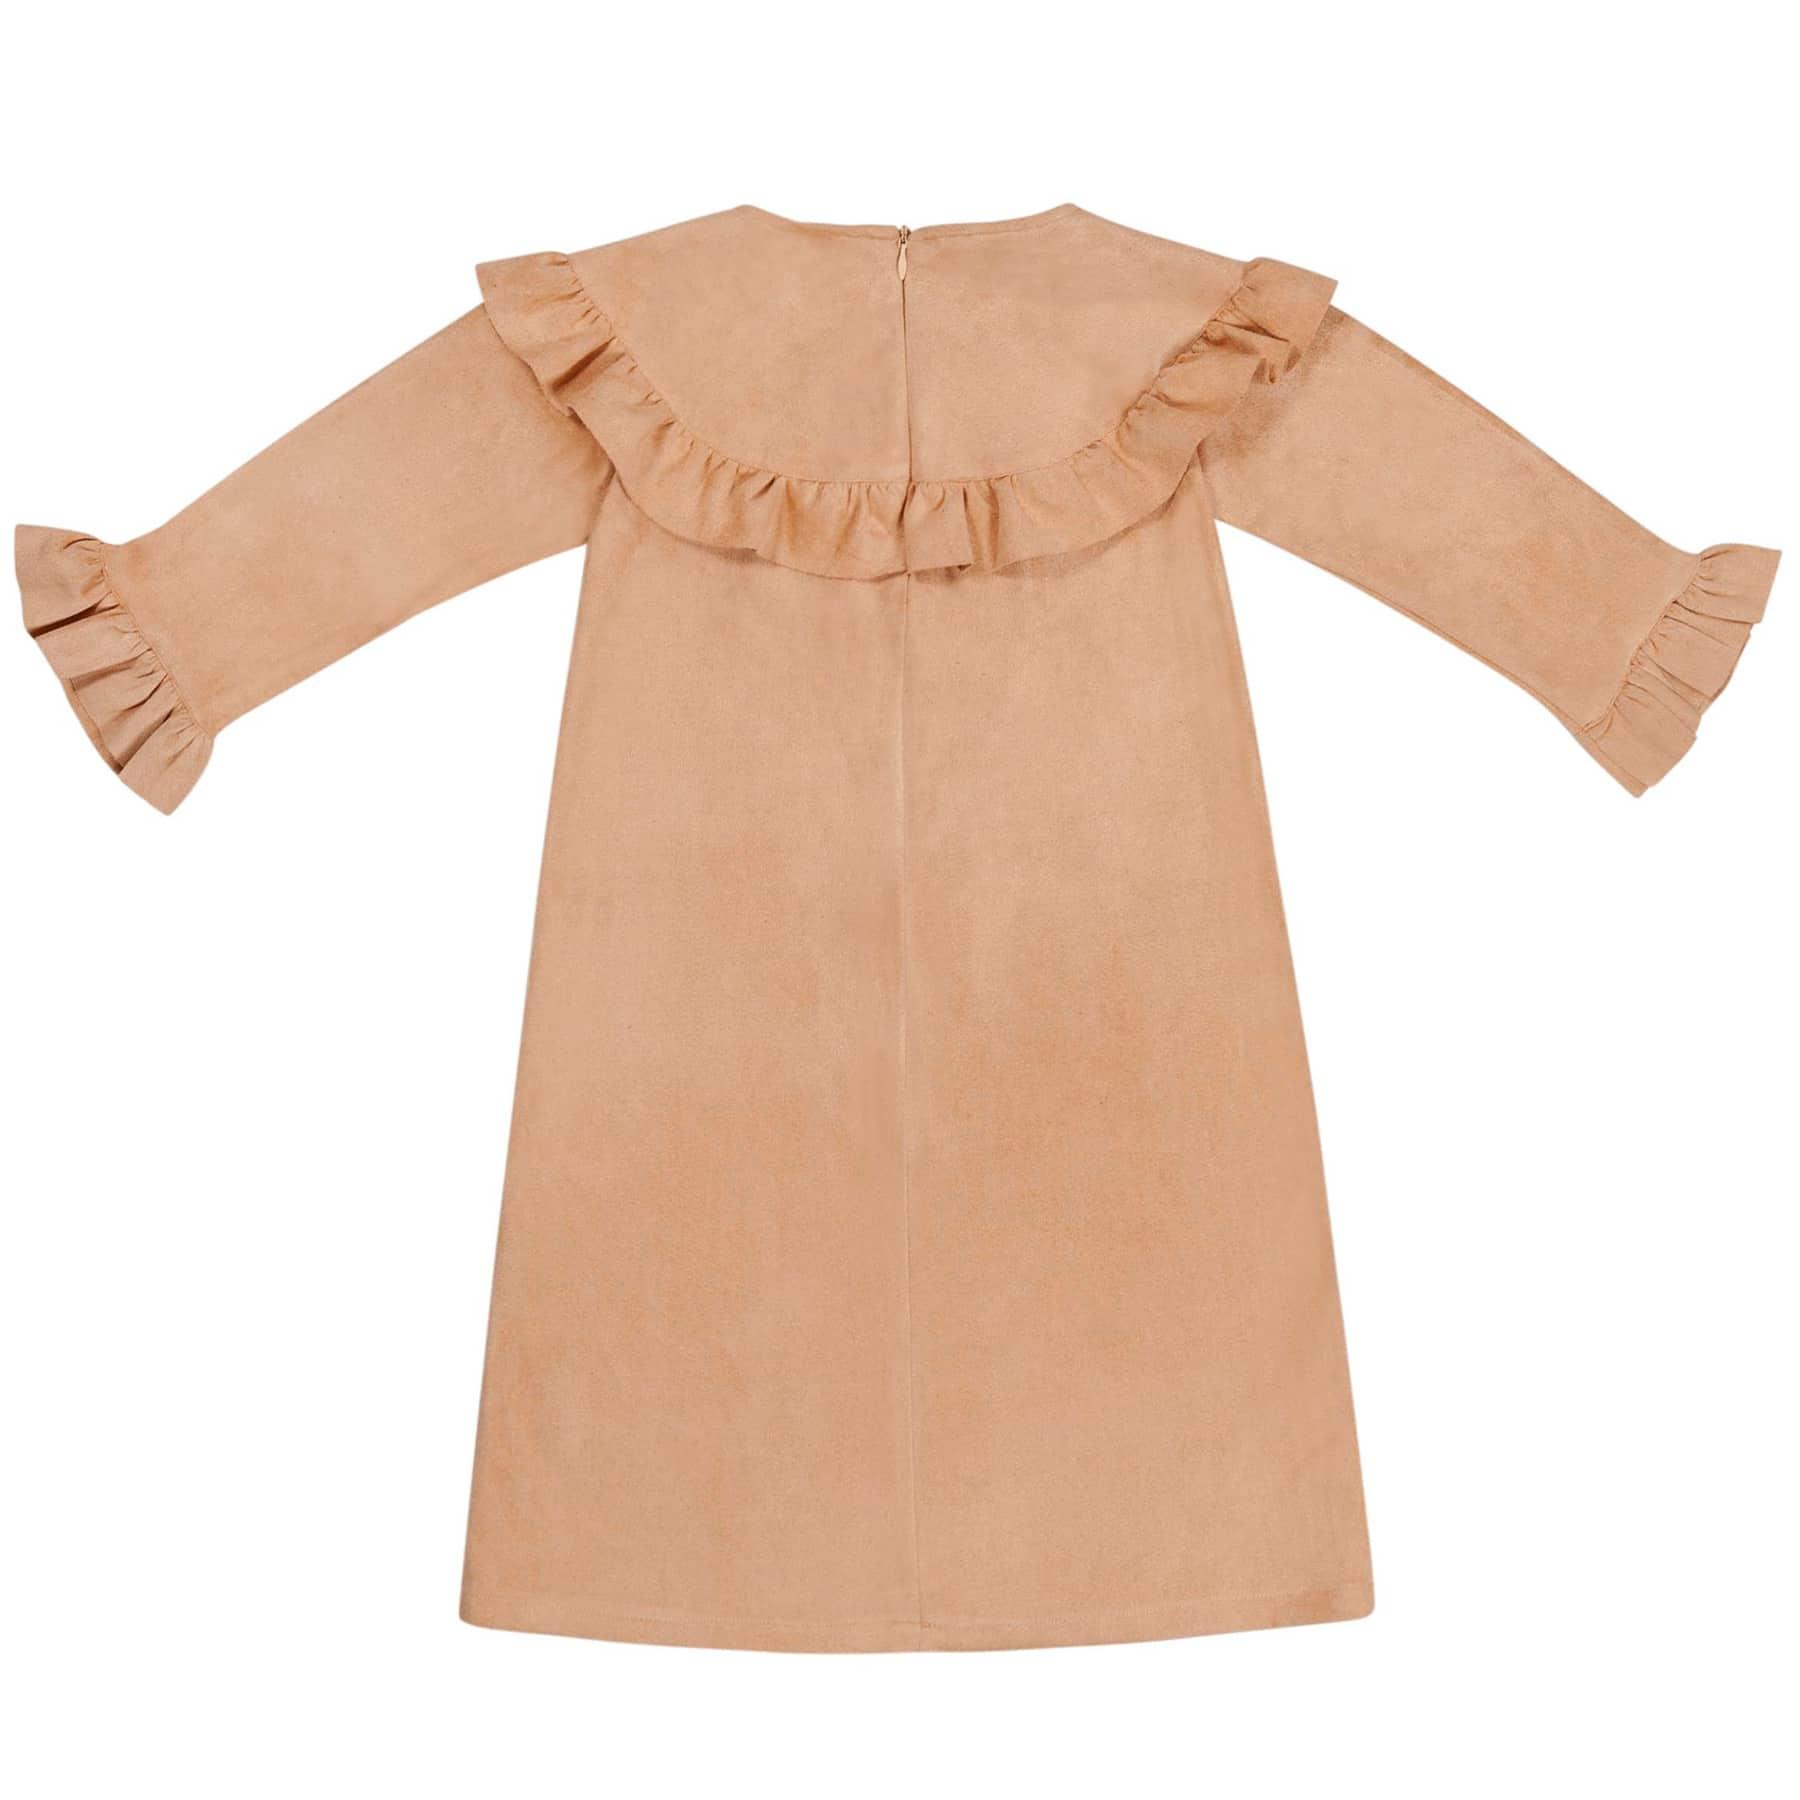 Robe d'inspiration costume indien en imitation daim beige avec volants aux poignets et à la poitrine pour filles de 2 à 12 ans